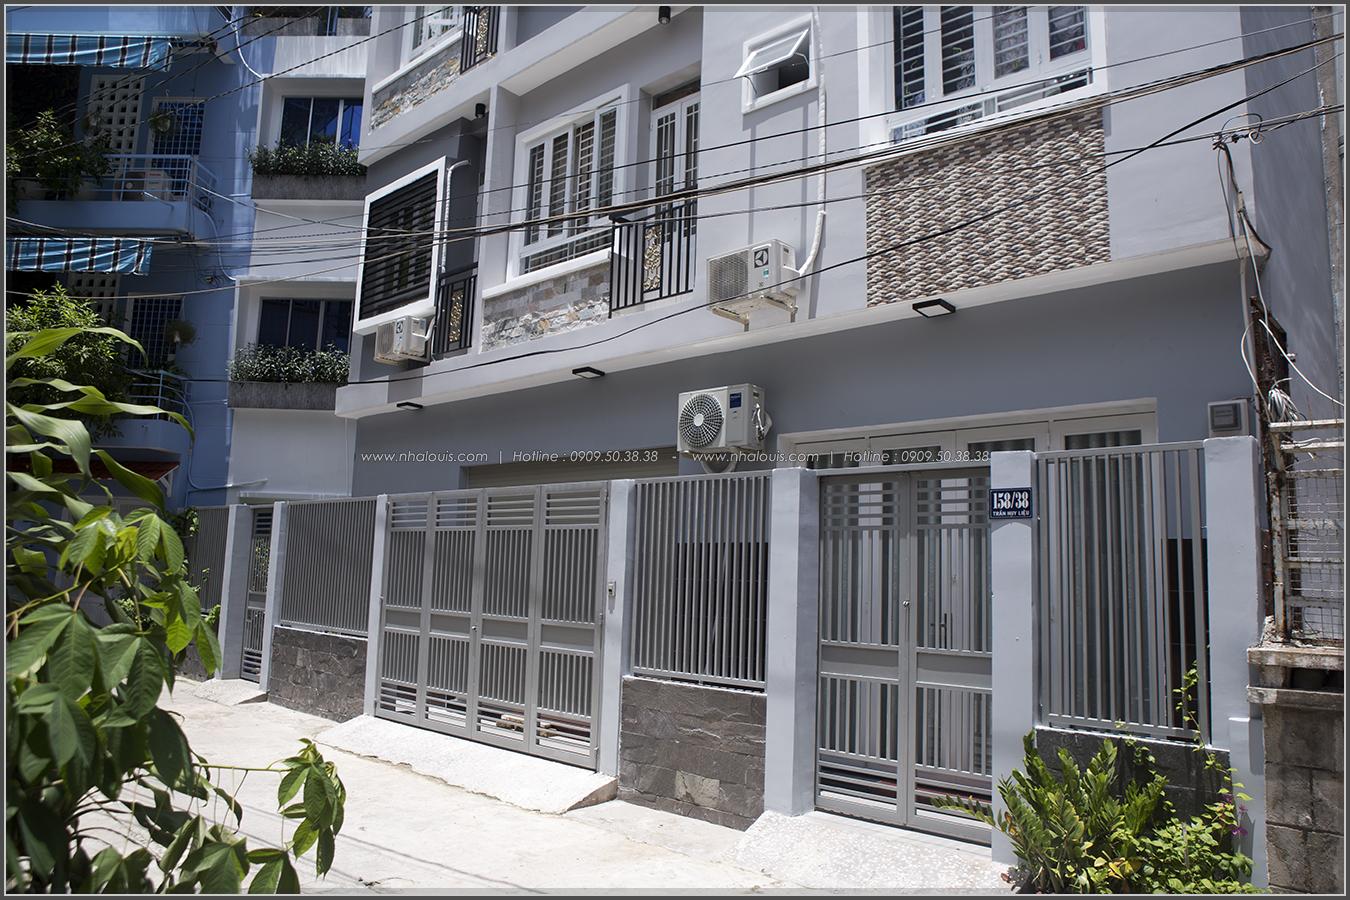 Thi công xây dựng nhà trọ để kinh doanh tại quận Phú Nhuận - 02